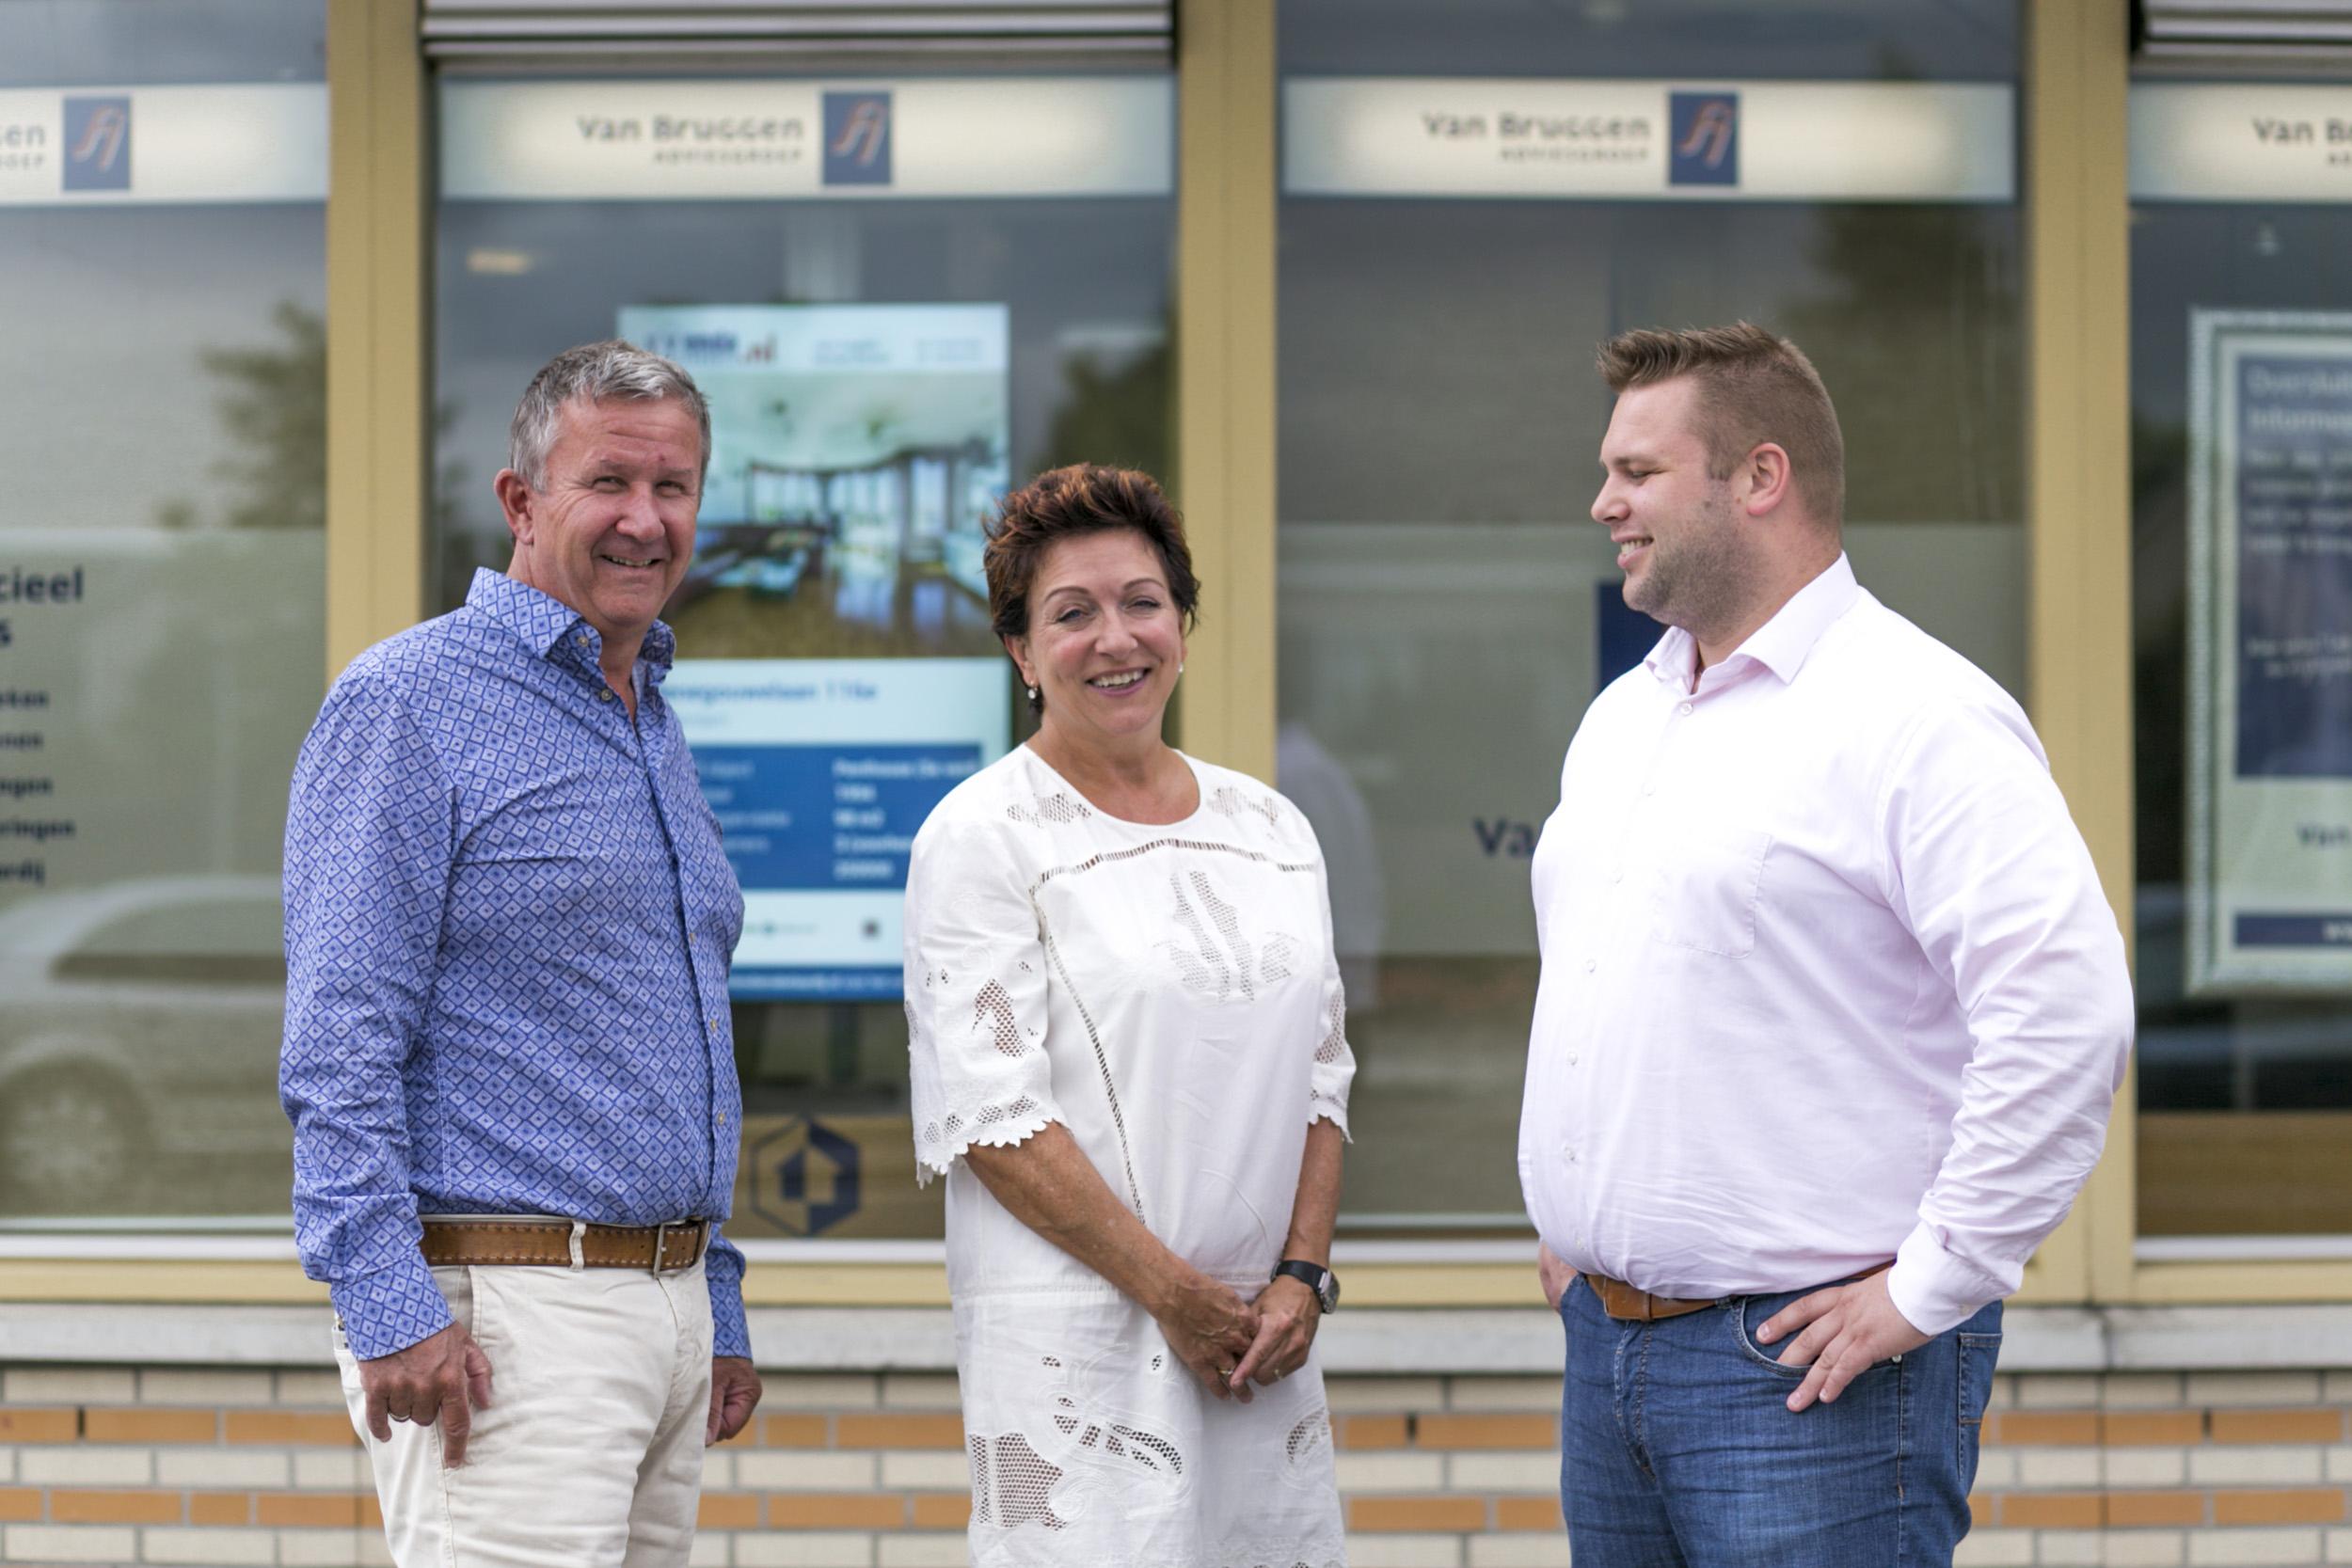 Het team van Van Bruggen Adviesgroep Capelle aan den IJssel